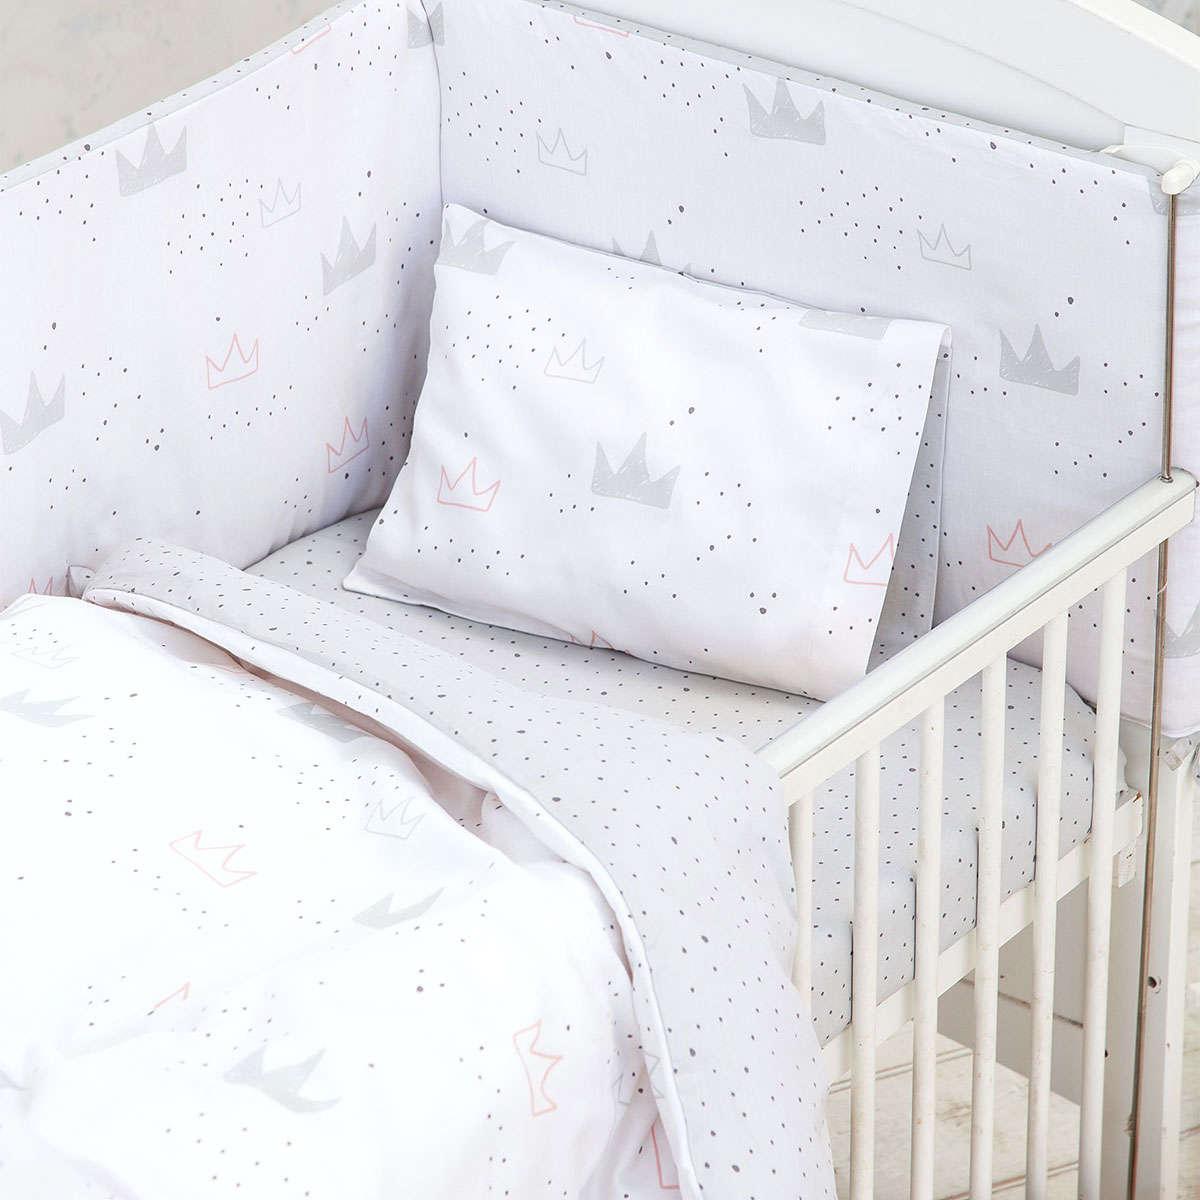 Σεντόνια Βρεφικά Σετ 3τμχ – Majesty White-Grey-Pink Nima Κούνιας 120x170cm